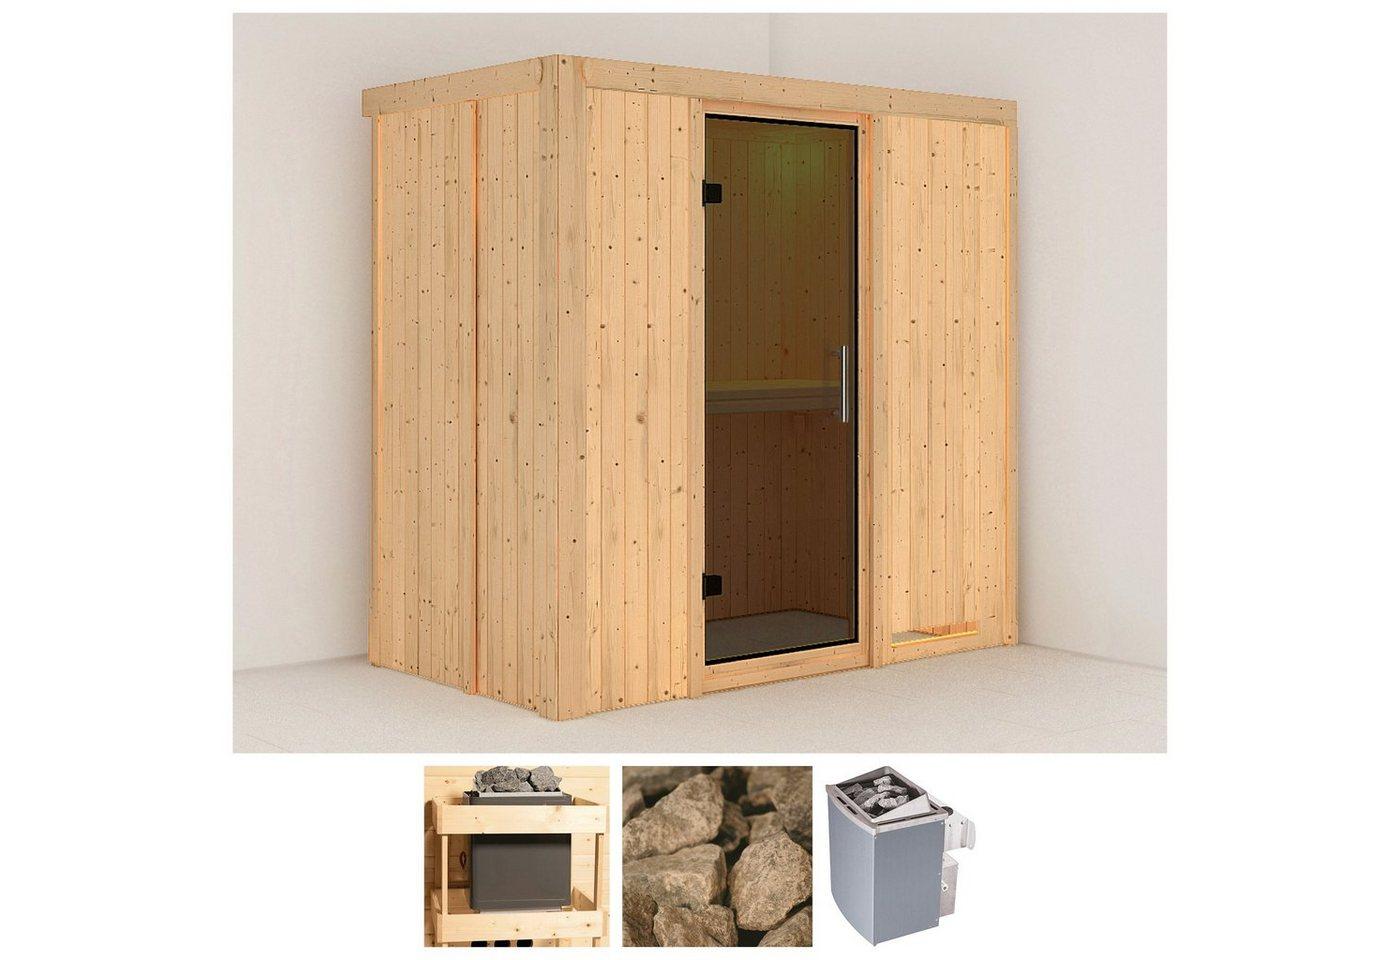 KONIFERA Sauna »Variado«, 196/118/198 cm, 9-kW-Ofen mit int. Steuerung, Glastür grafit   Bad > Sauna & Zubehör > Saunen   Edelstahl   KONIFERA